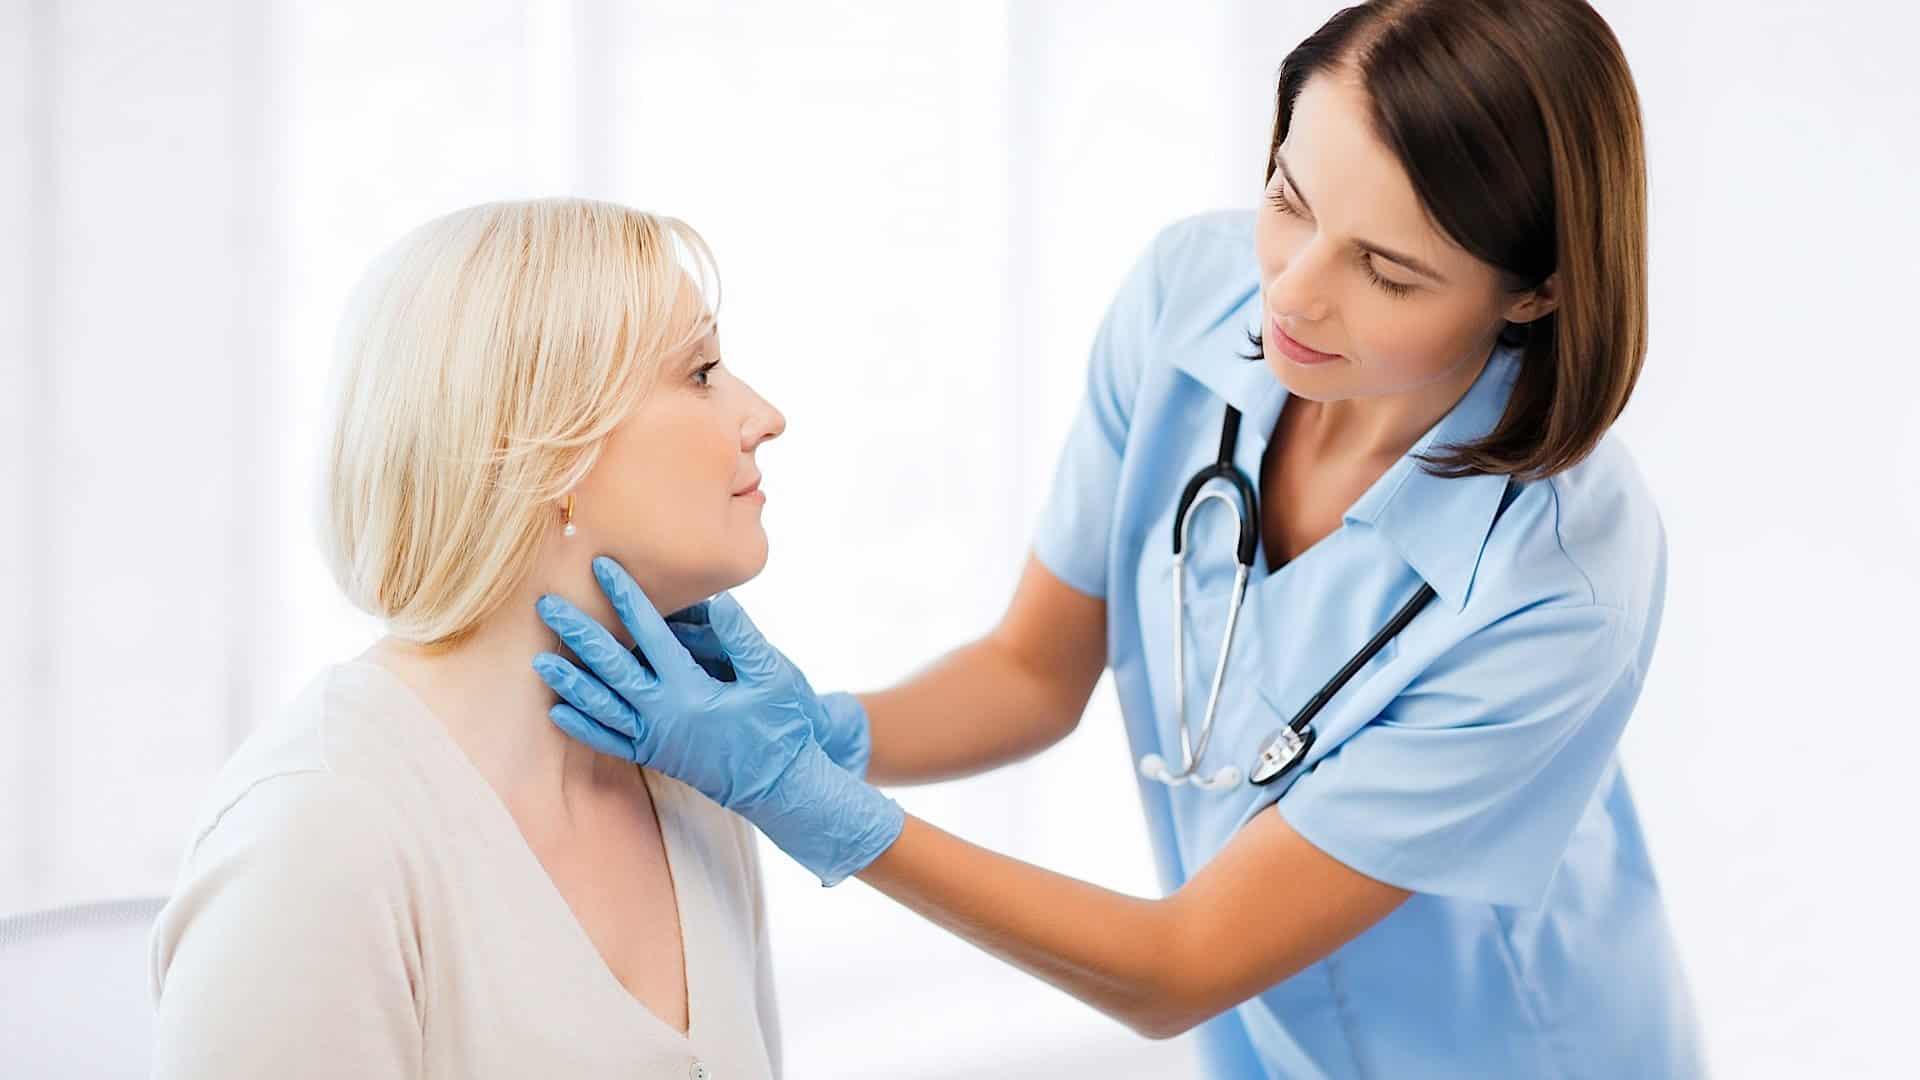 При диагностировании зоба щитовидной железы, пациент должен посещать эндокринолога не реже 1 раза в месяц, для осуществления контроля за прогрессированием заболевания.